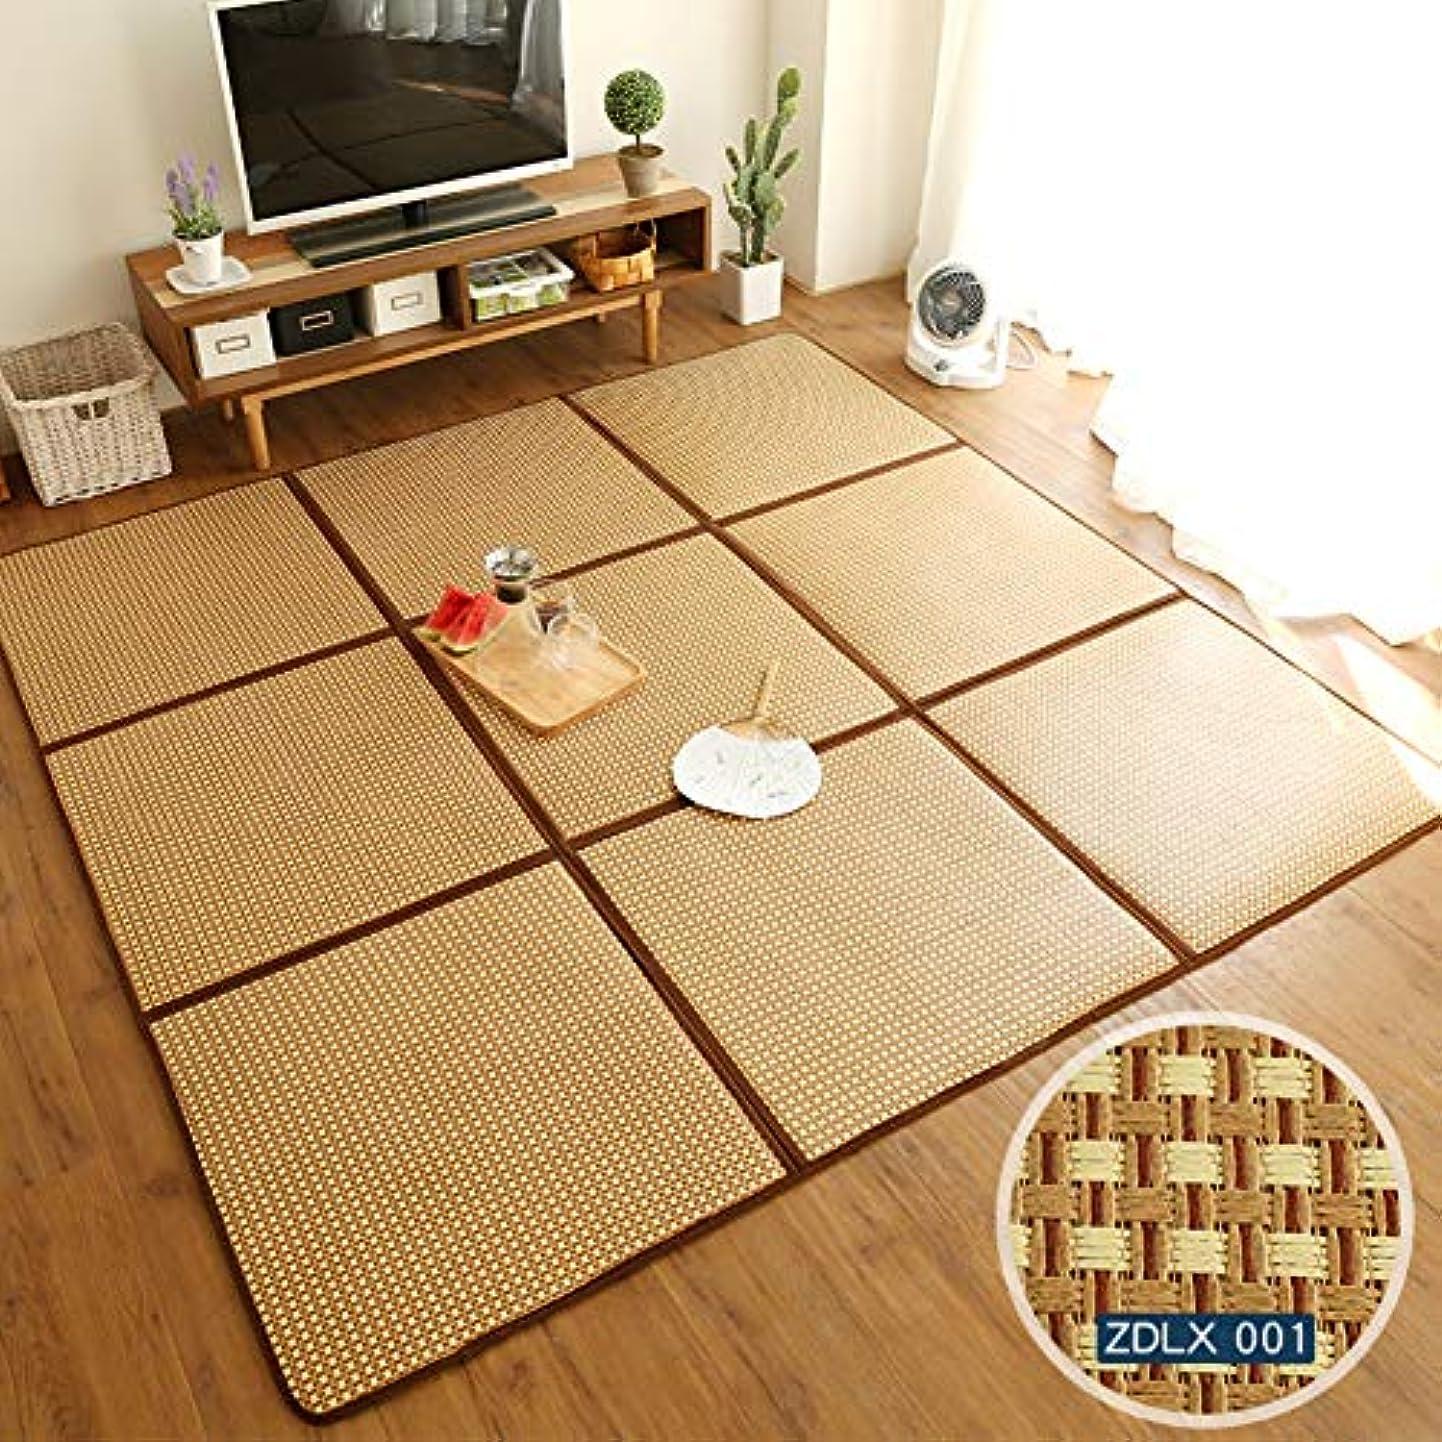 もろいオーストラリア人クリークじゃない-スリップ クロールマット,ステッチ 子供の遊びジムマット 竹マット,折り畳み式 ベッド 床マット-a 195x195cm(77x77inch)